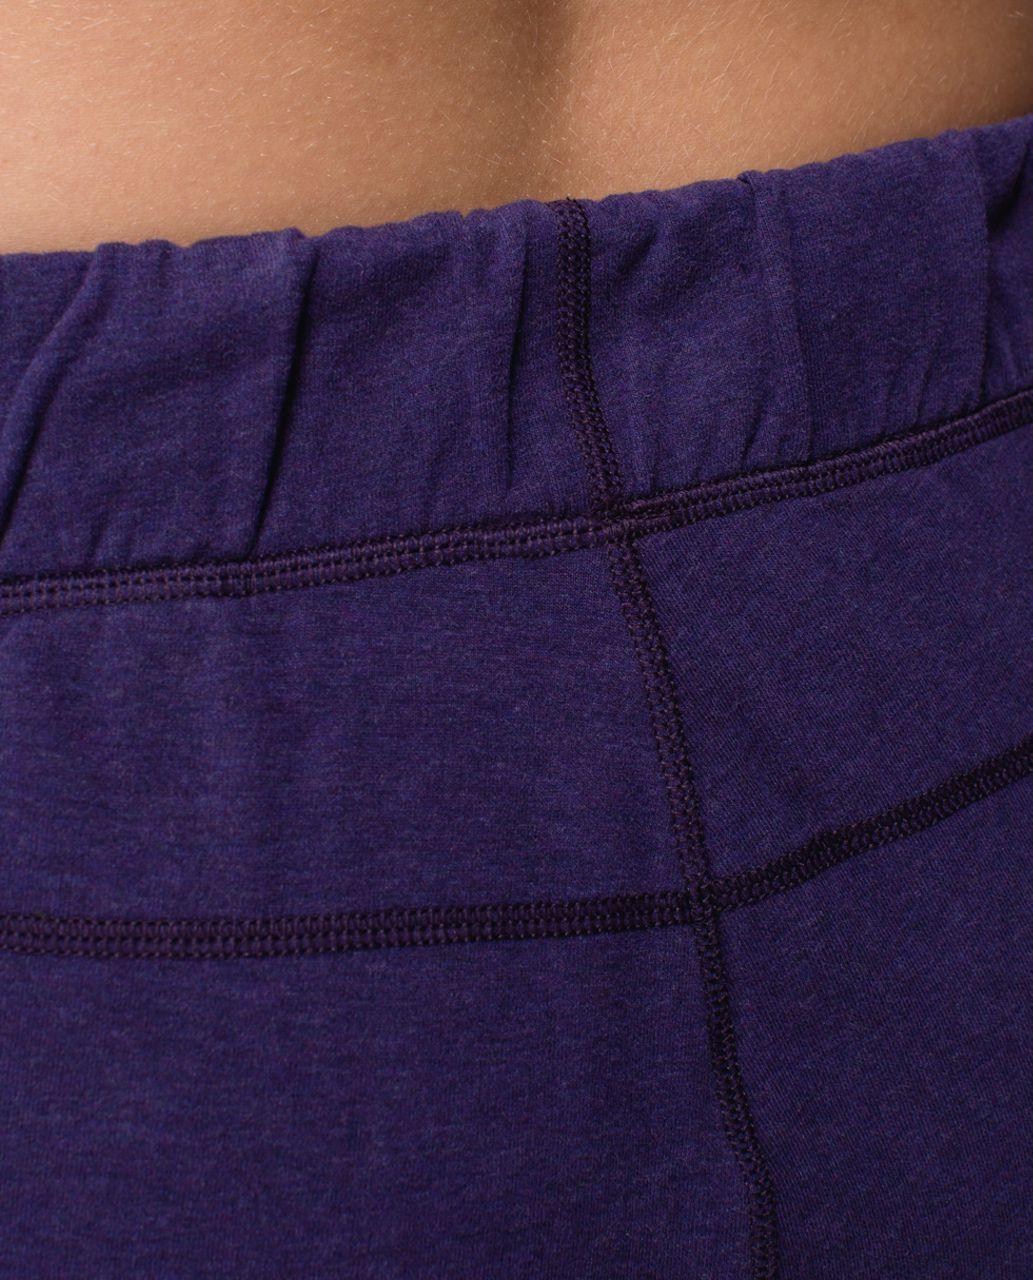 Lululemon Sattva Pant II - Heathered Black Grape / Black